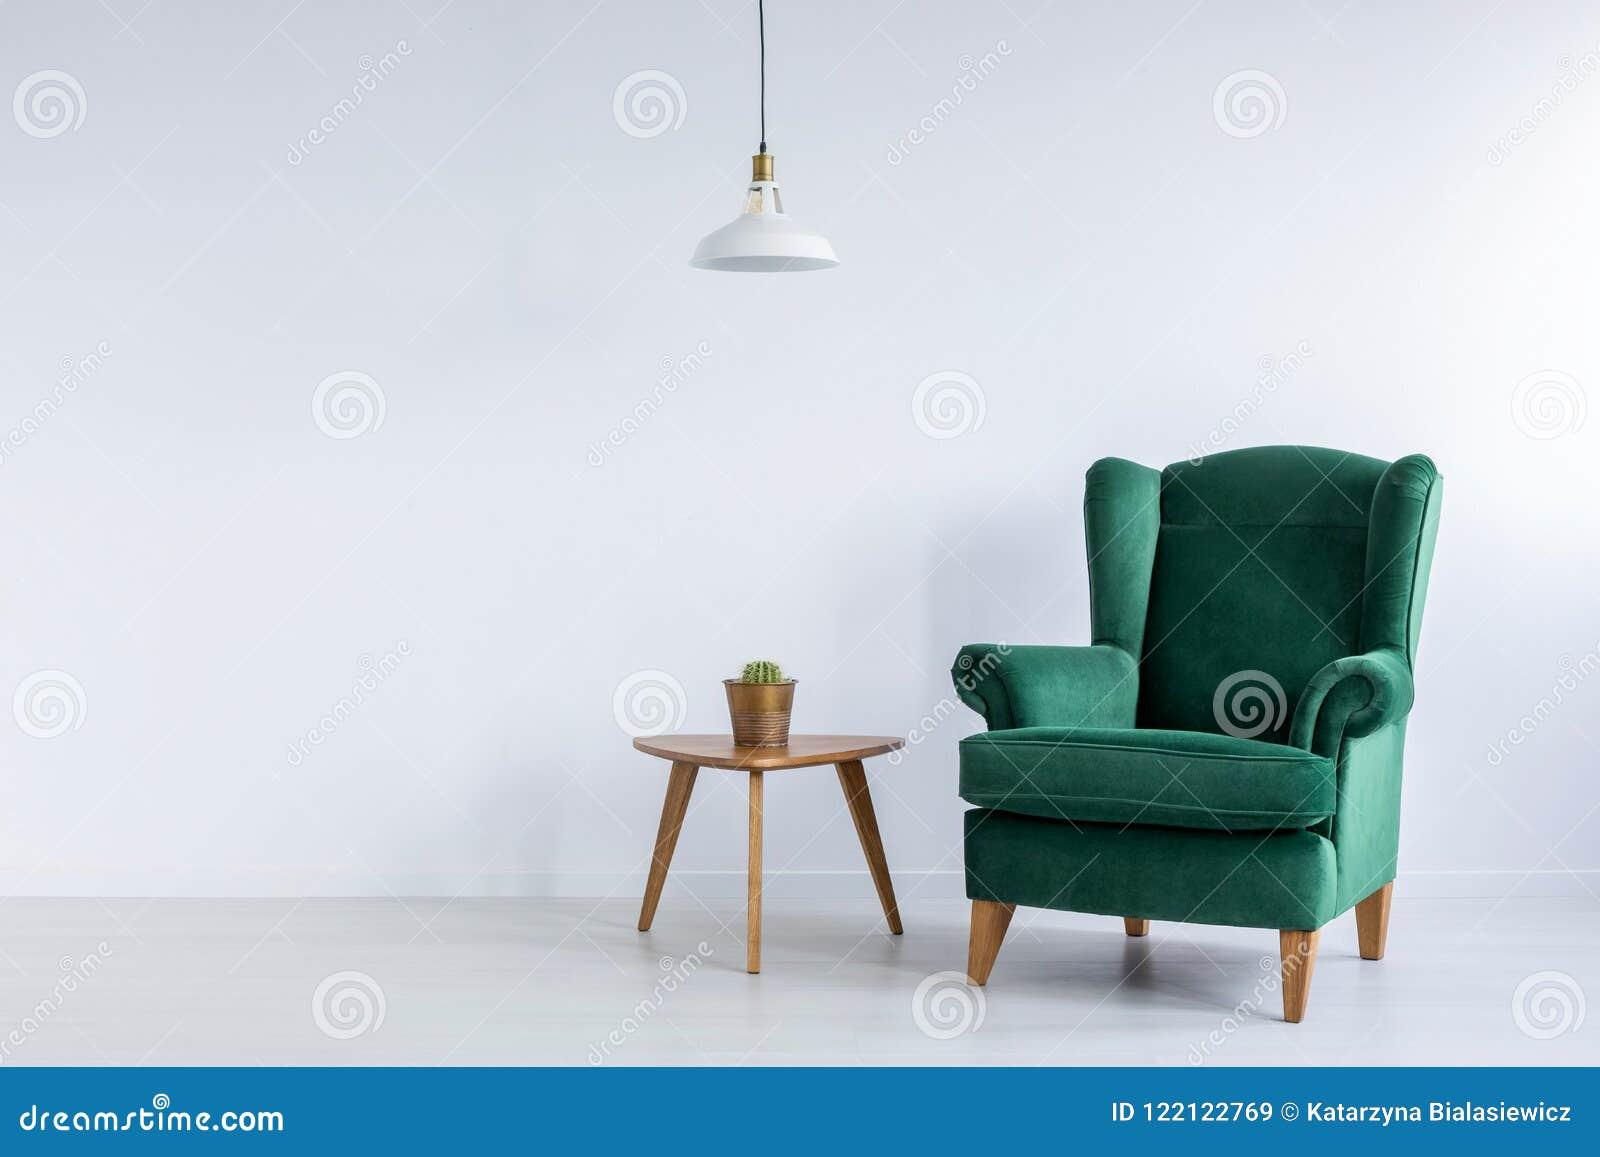 舒适,鲜绿色、翼扶手椅子和一个仙人掌在一张木桌上在白色客厅内部与拷贝空间 实际照片